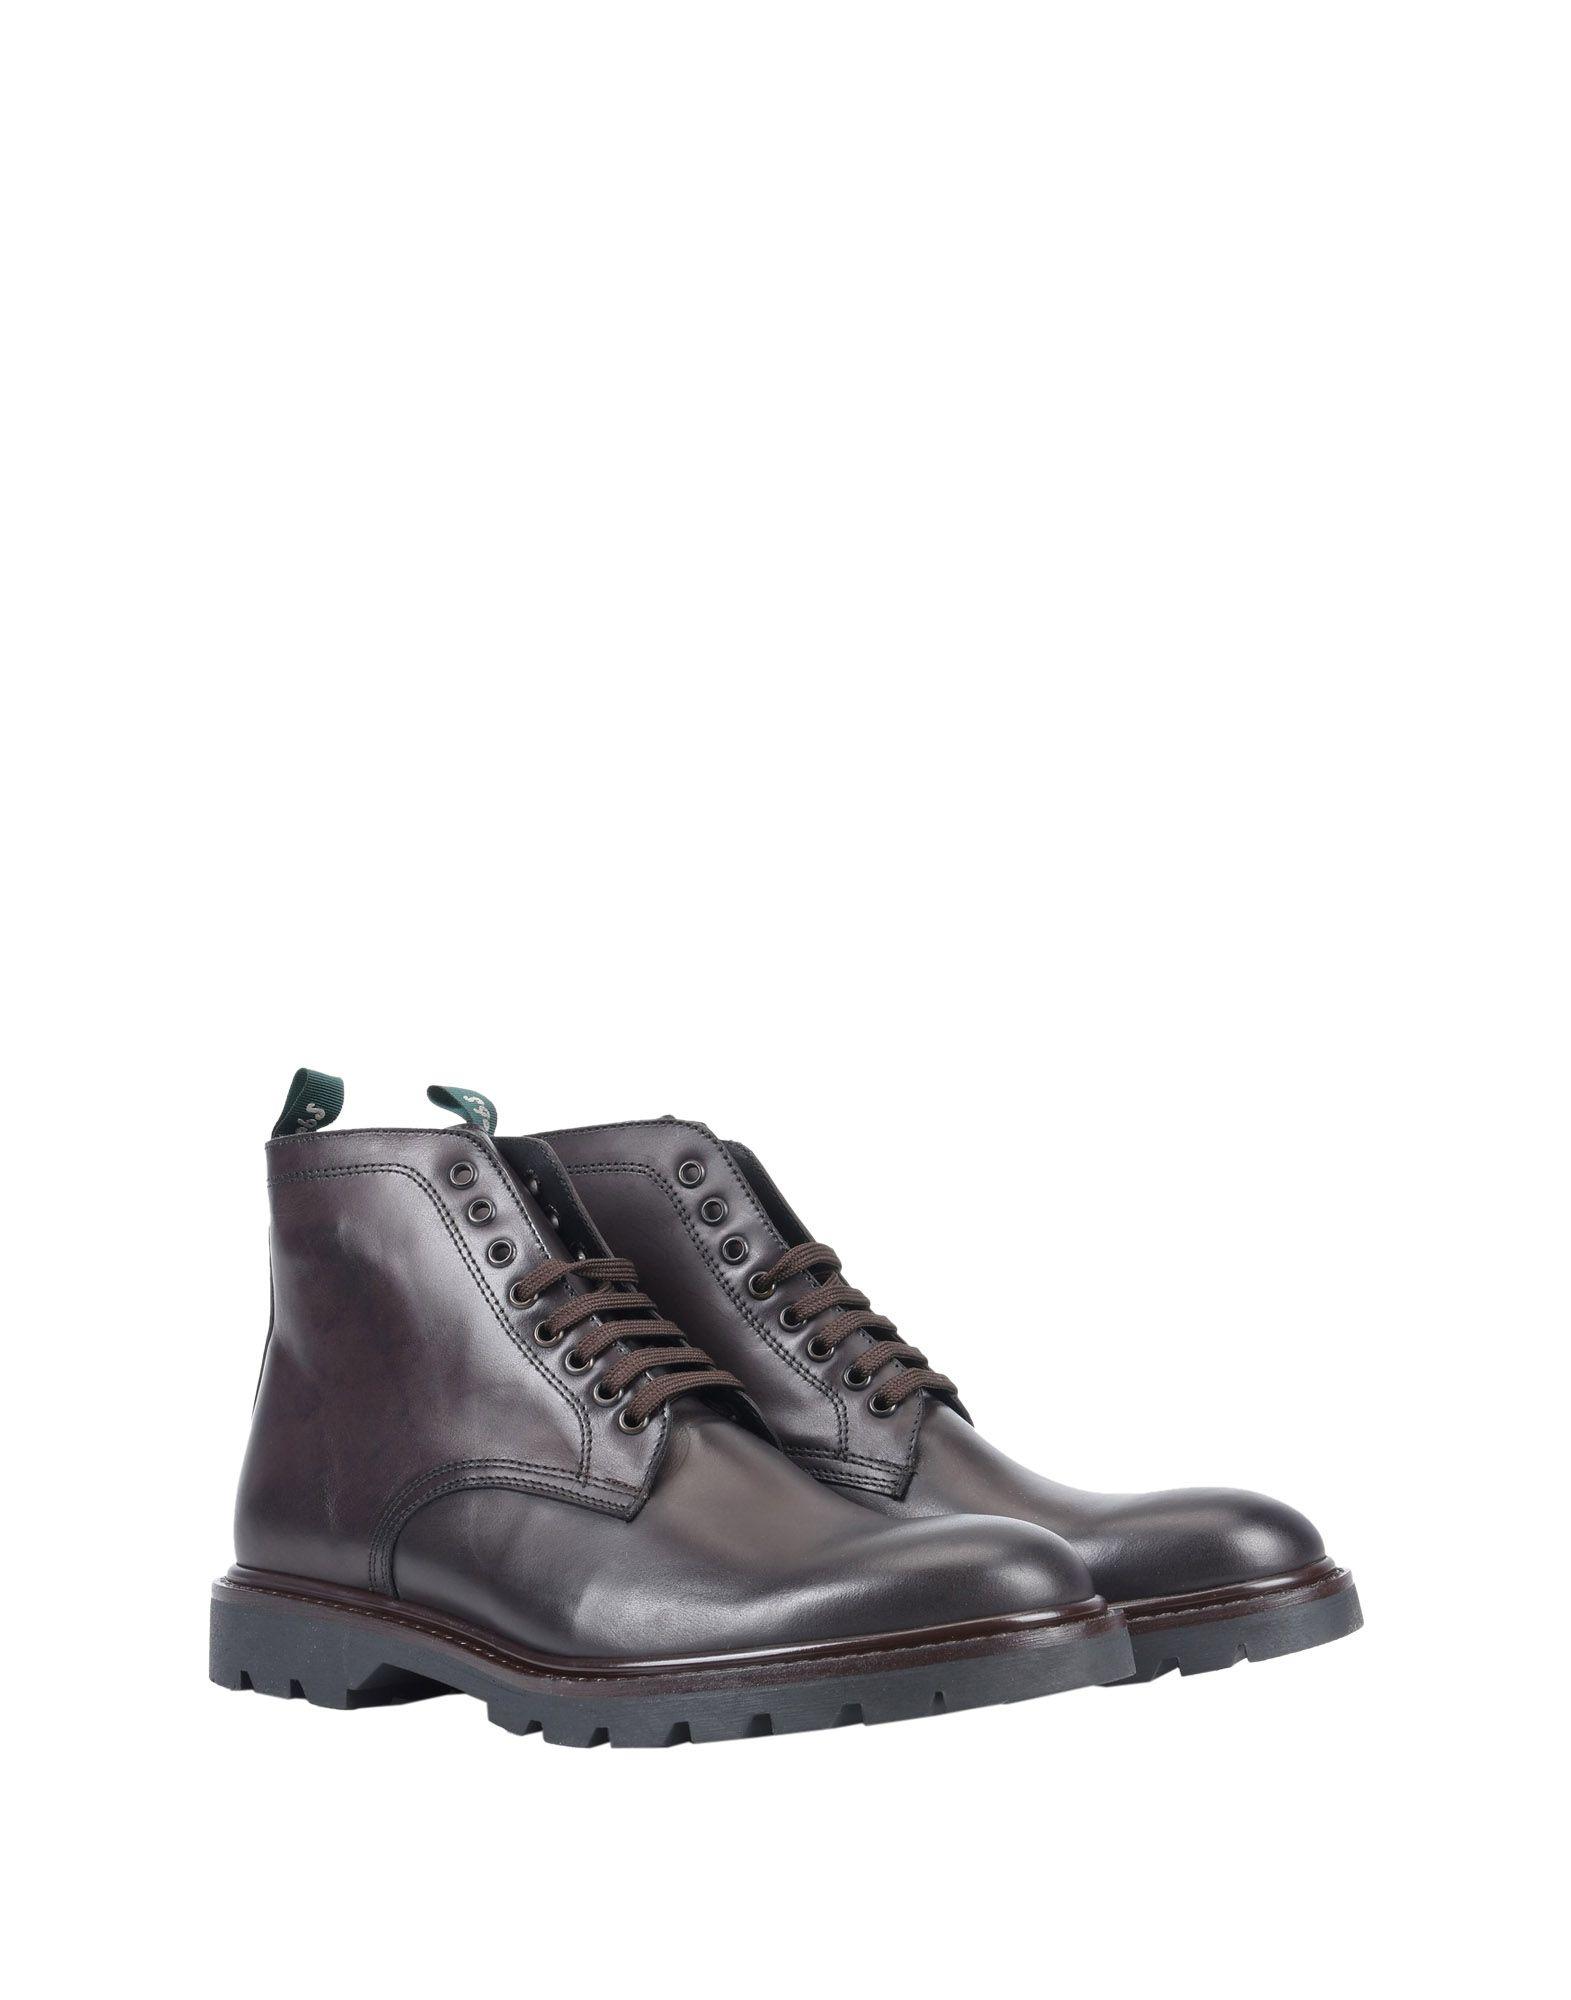 Snobs® Stiefelette Herren  11512436OD Gute Qualität beliebte Schuhe